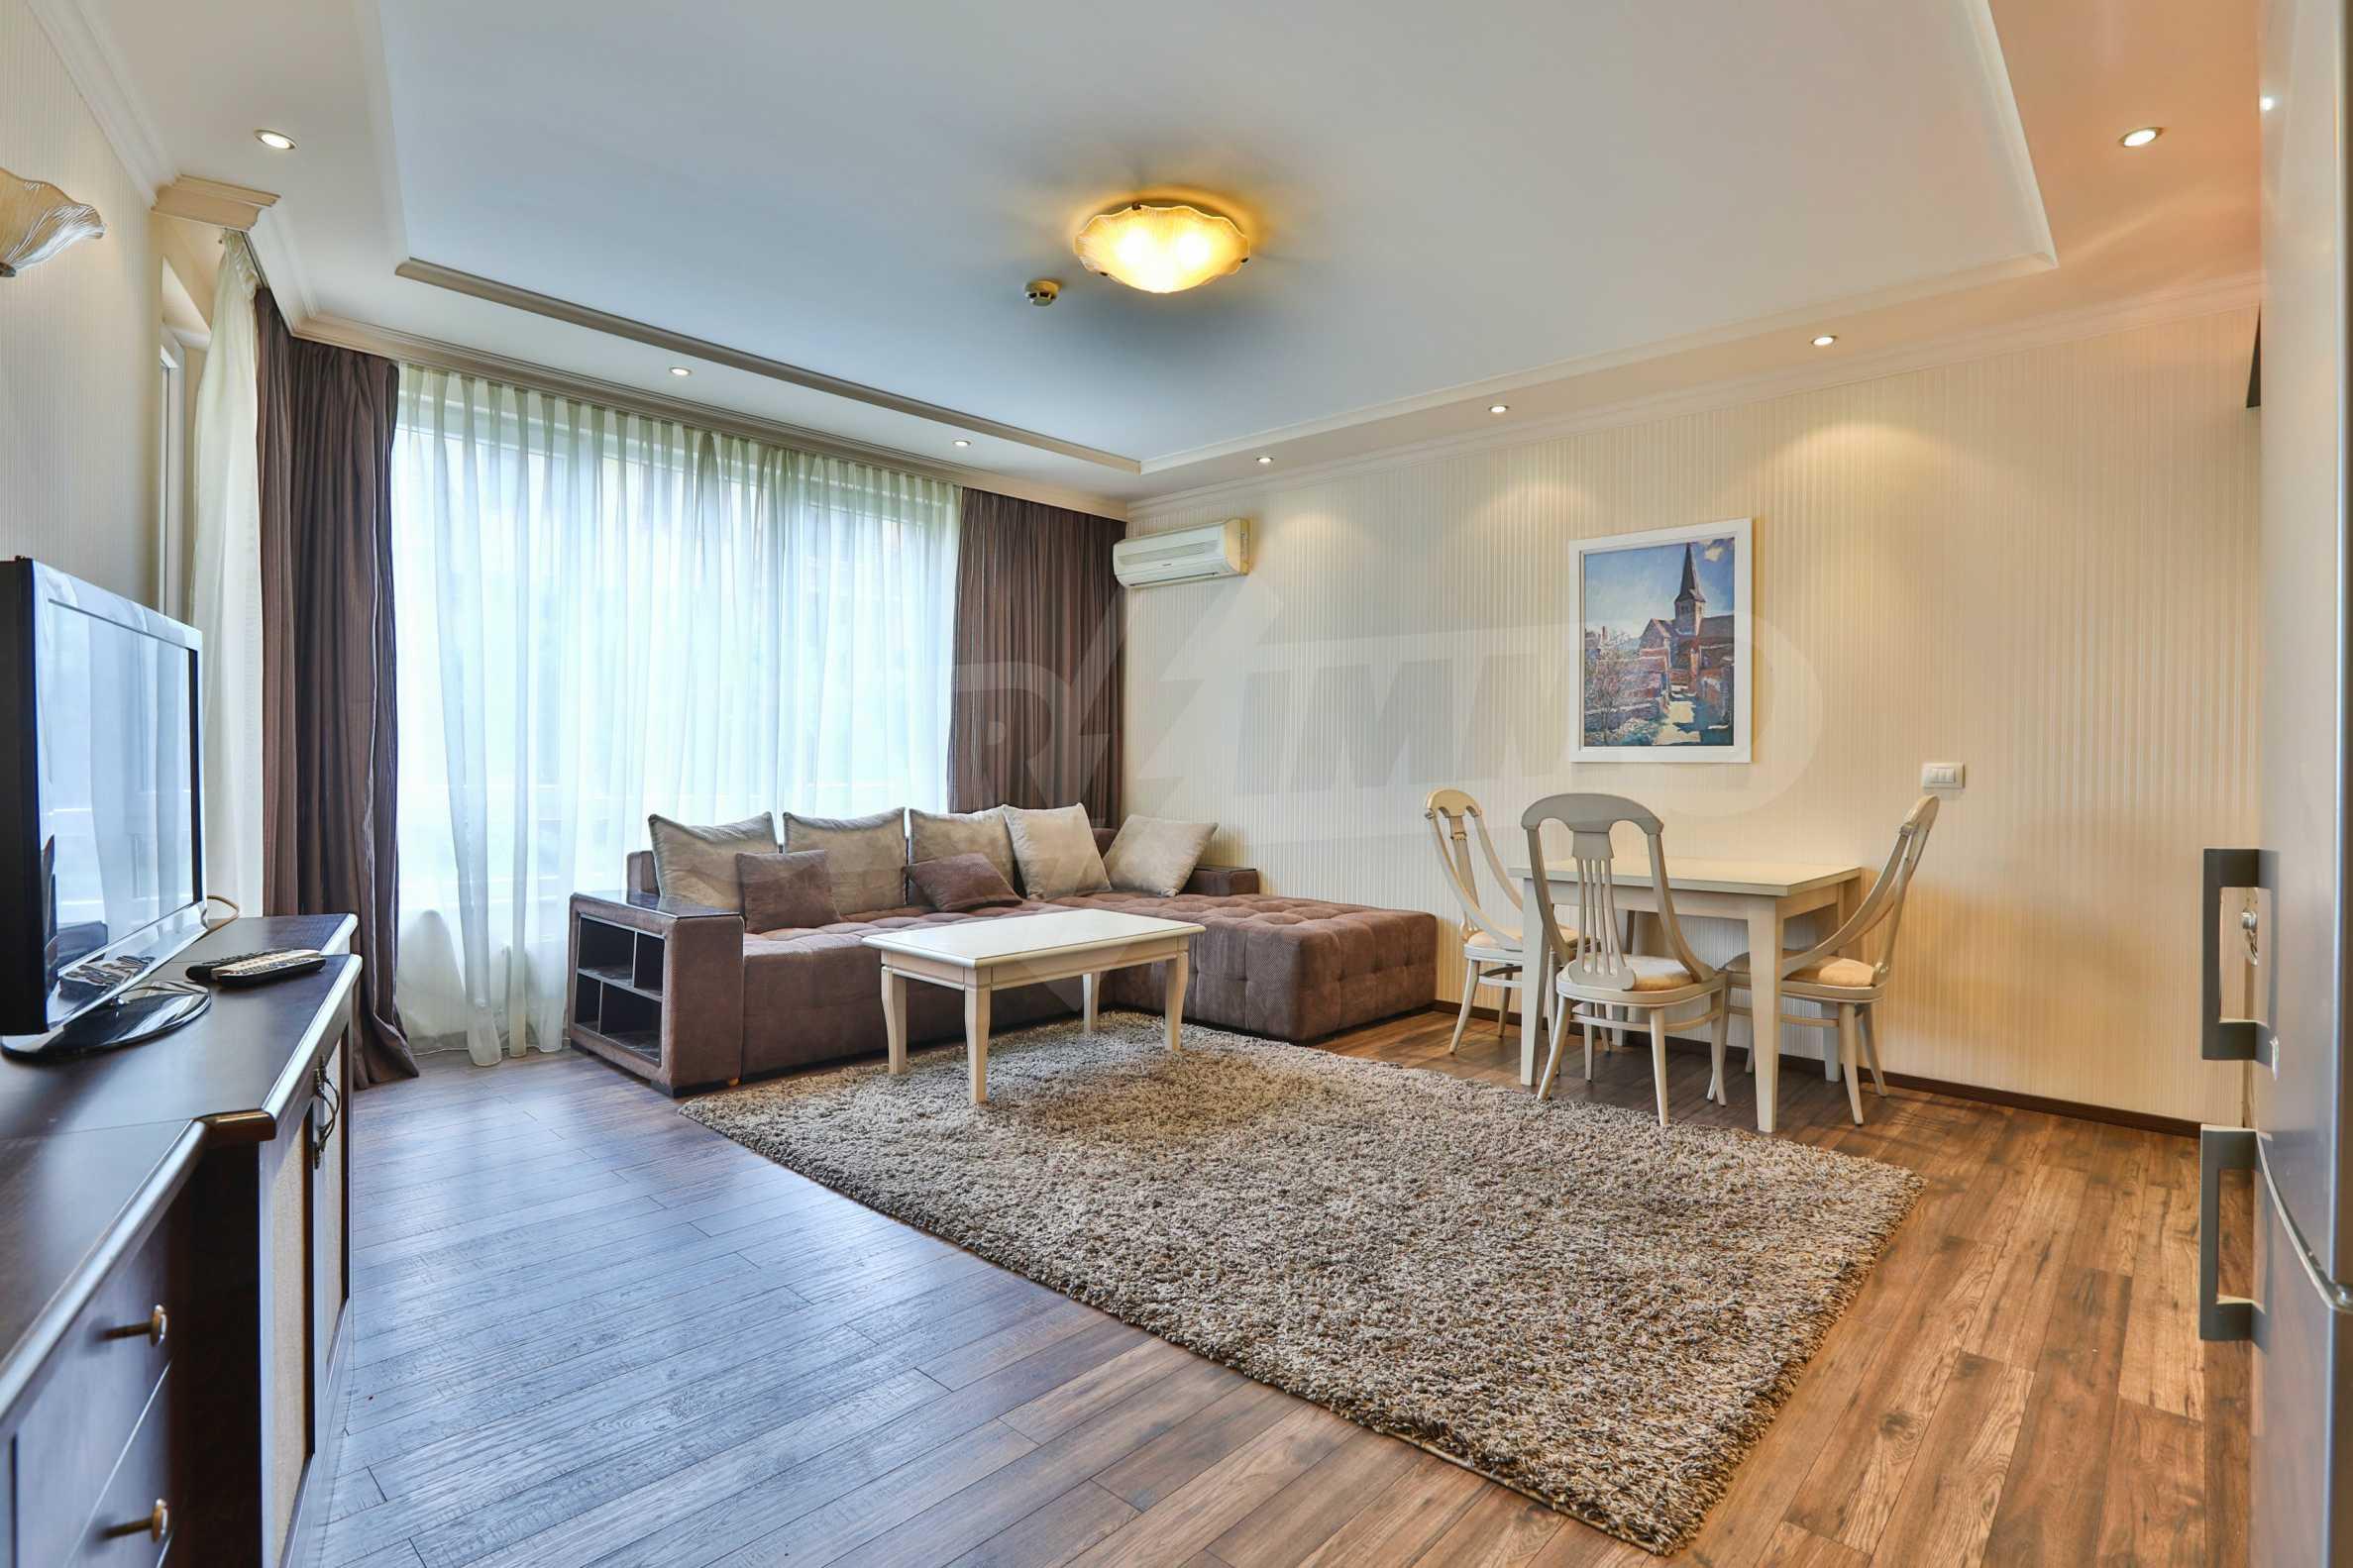 Двустаен апартамент в к-с от затворен тип в кв. Борово 1